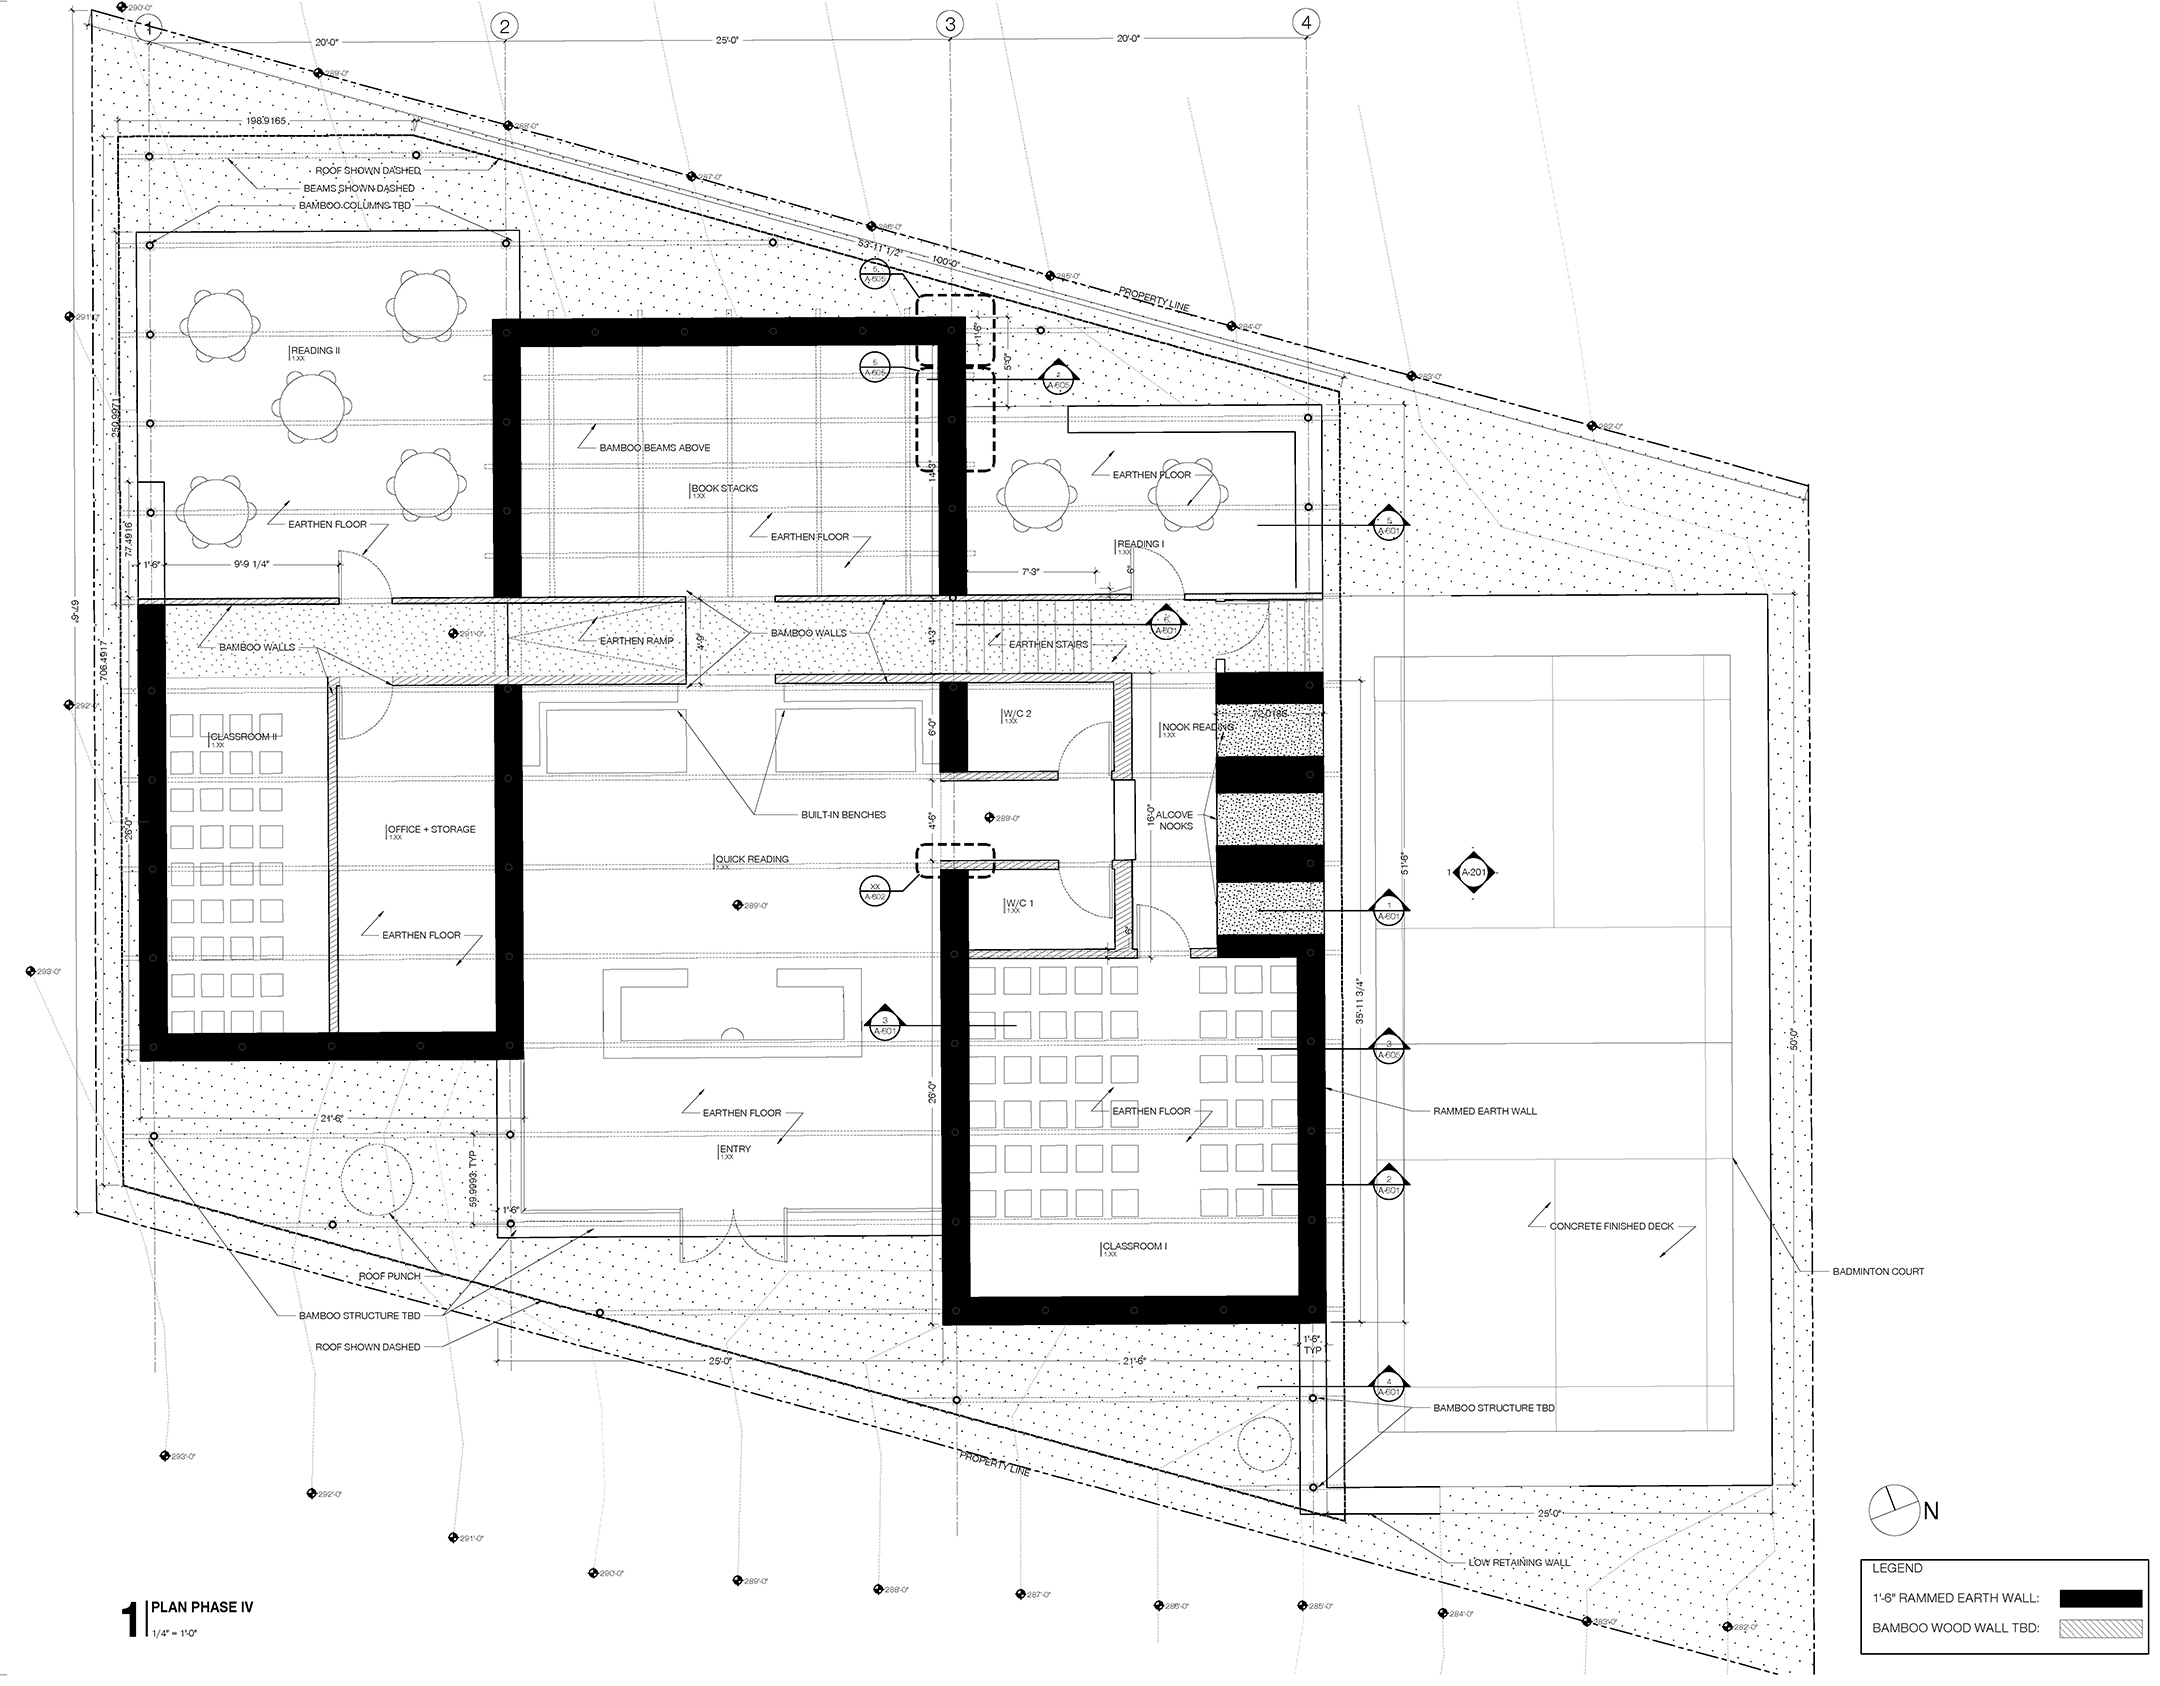 Detailed Plan